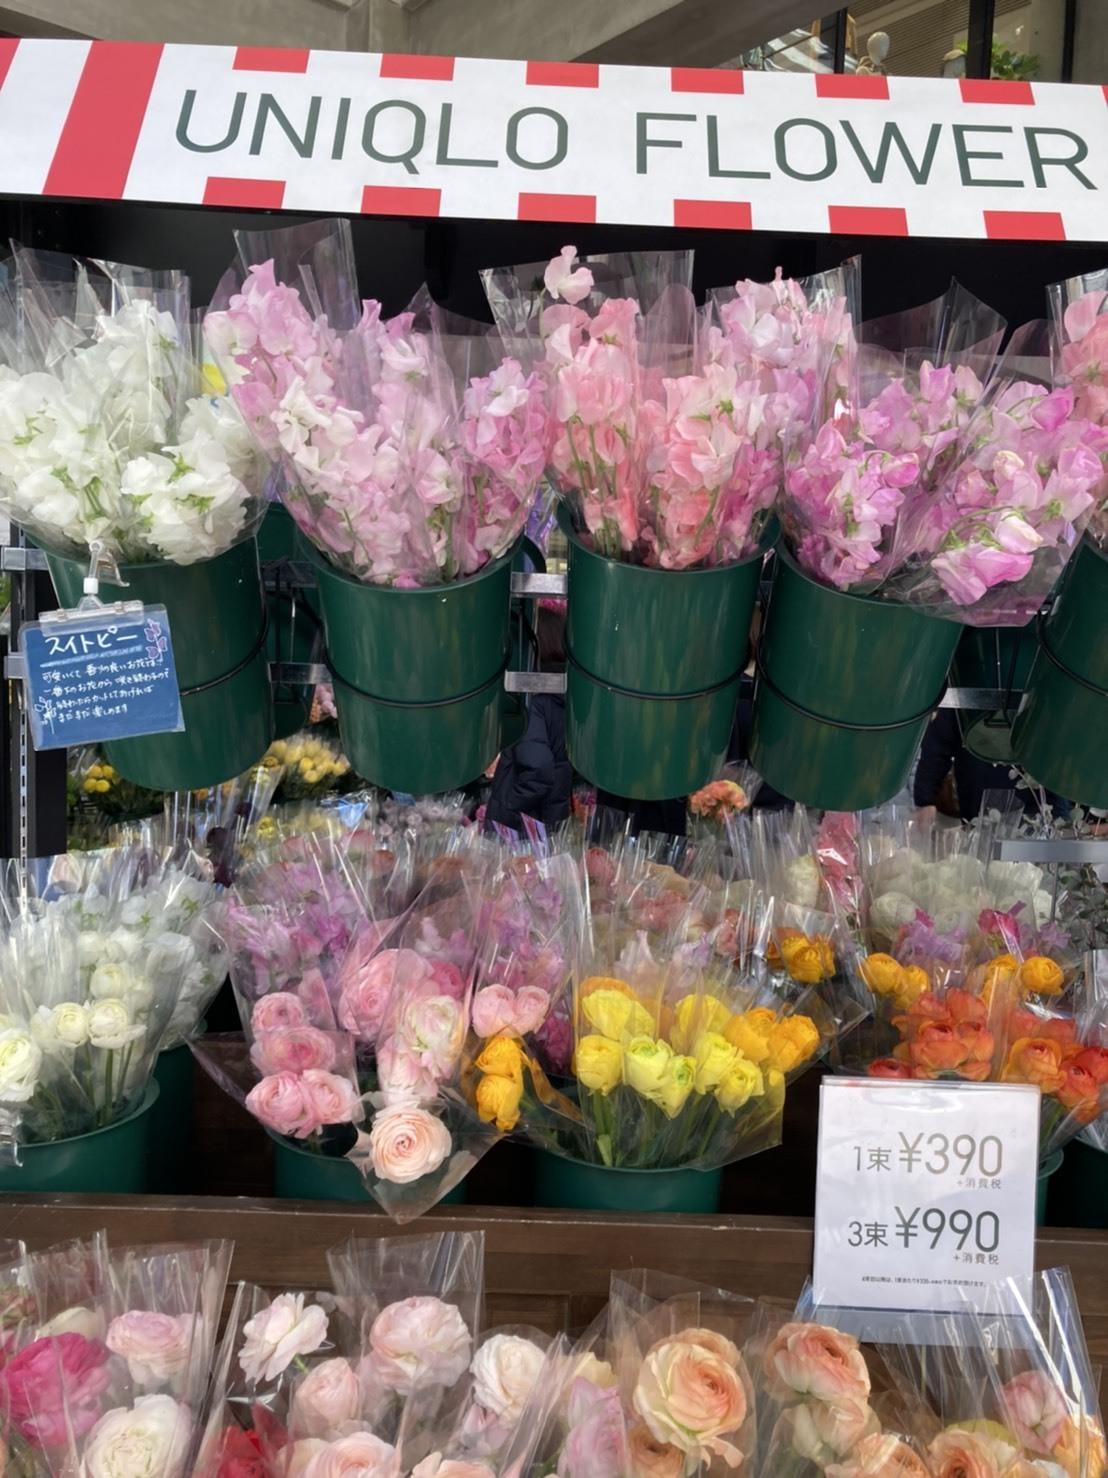 ユニクロでお花が買える!?_1_1-1